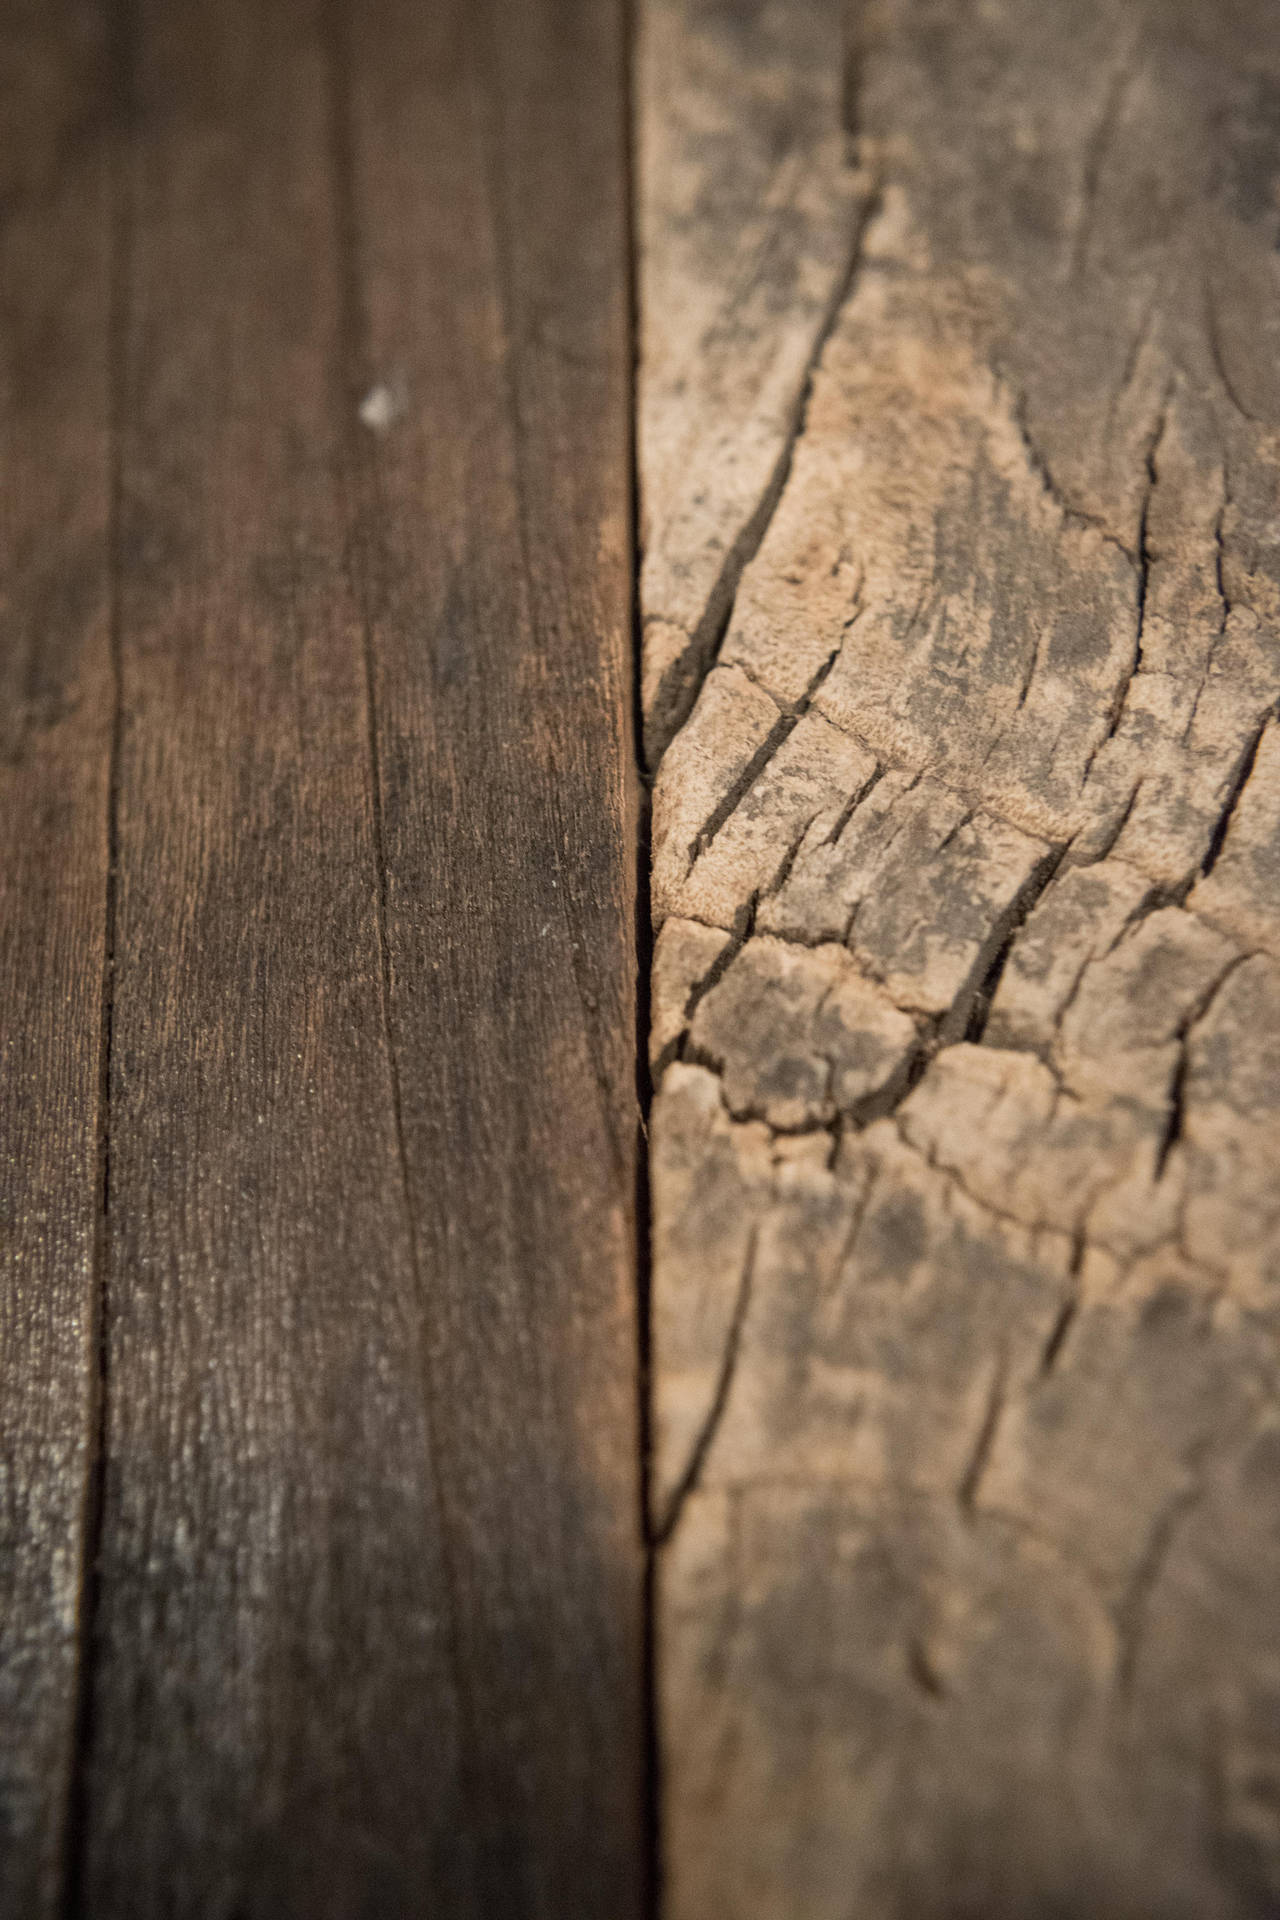 Wood Grain by MrDannyD